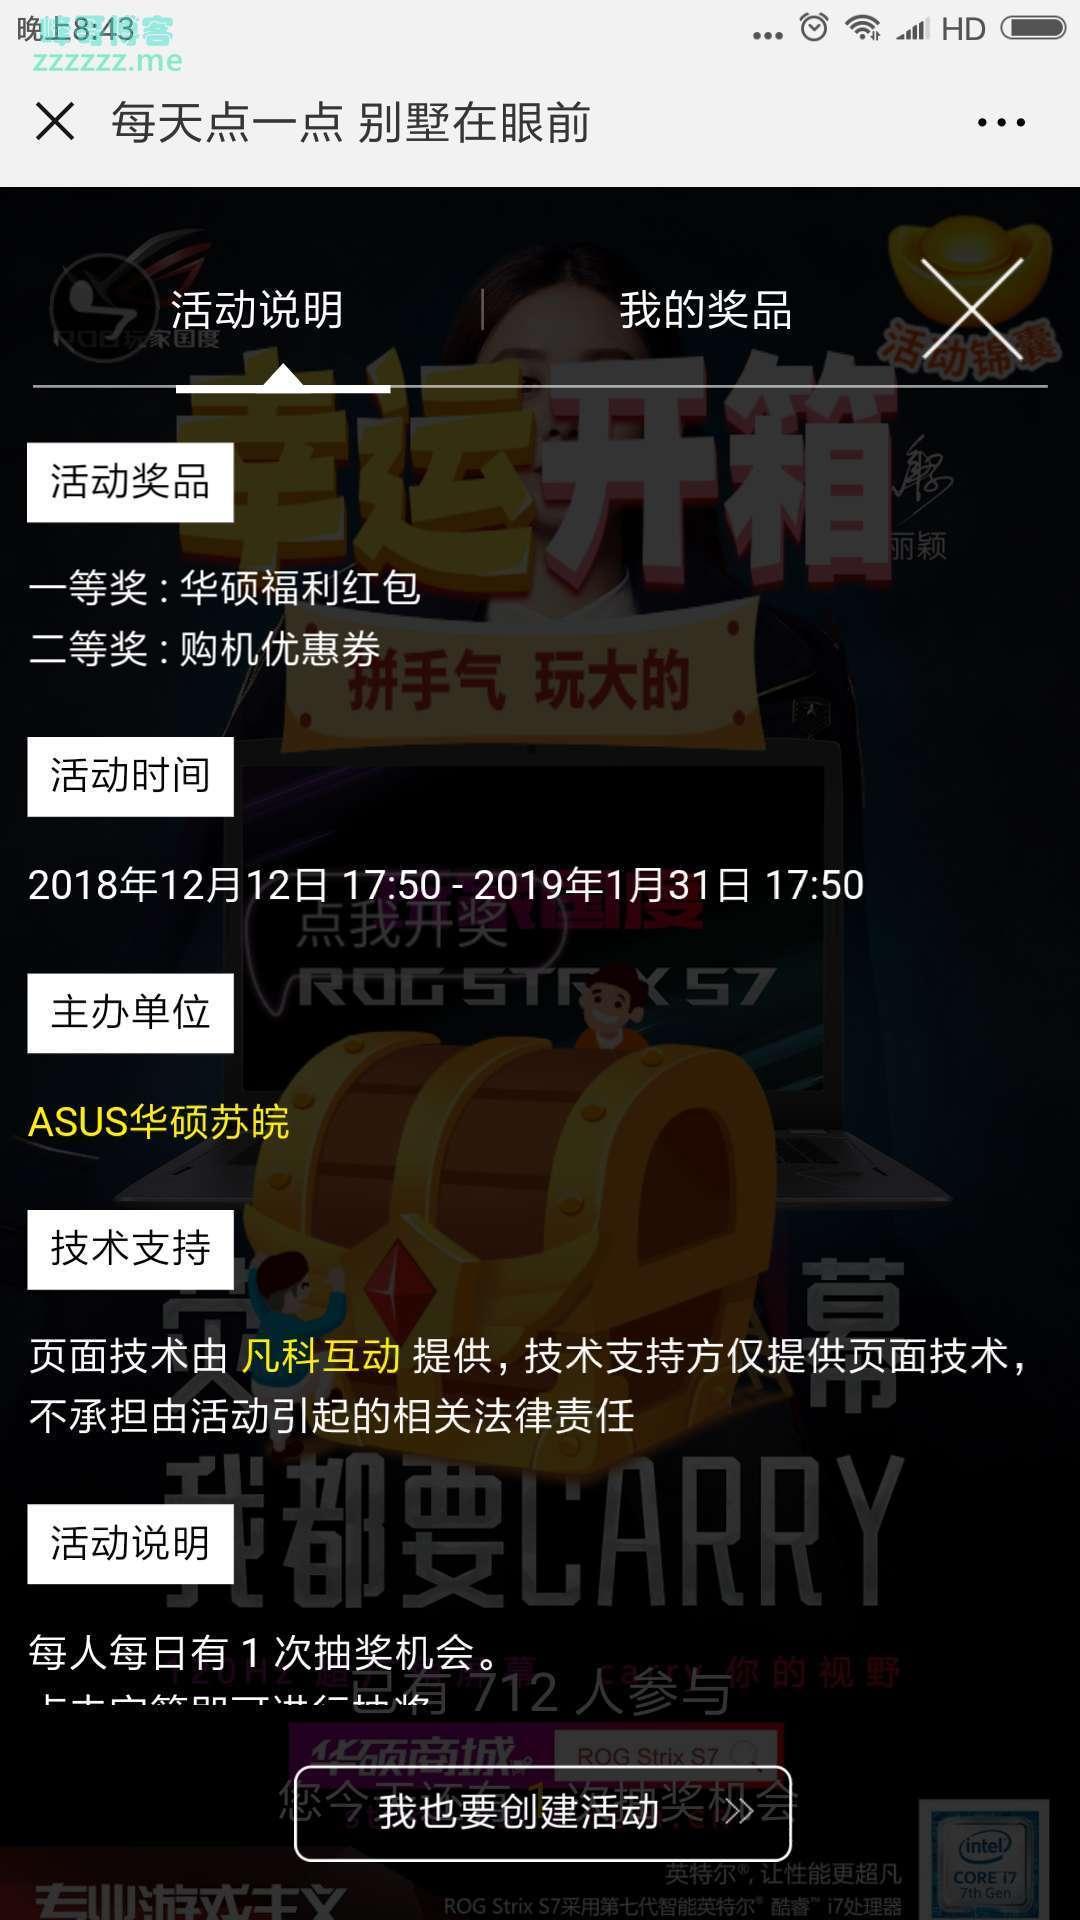 <ASUS华硕苏皖>华硕福利红包(截止1月31日)